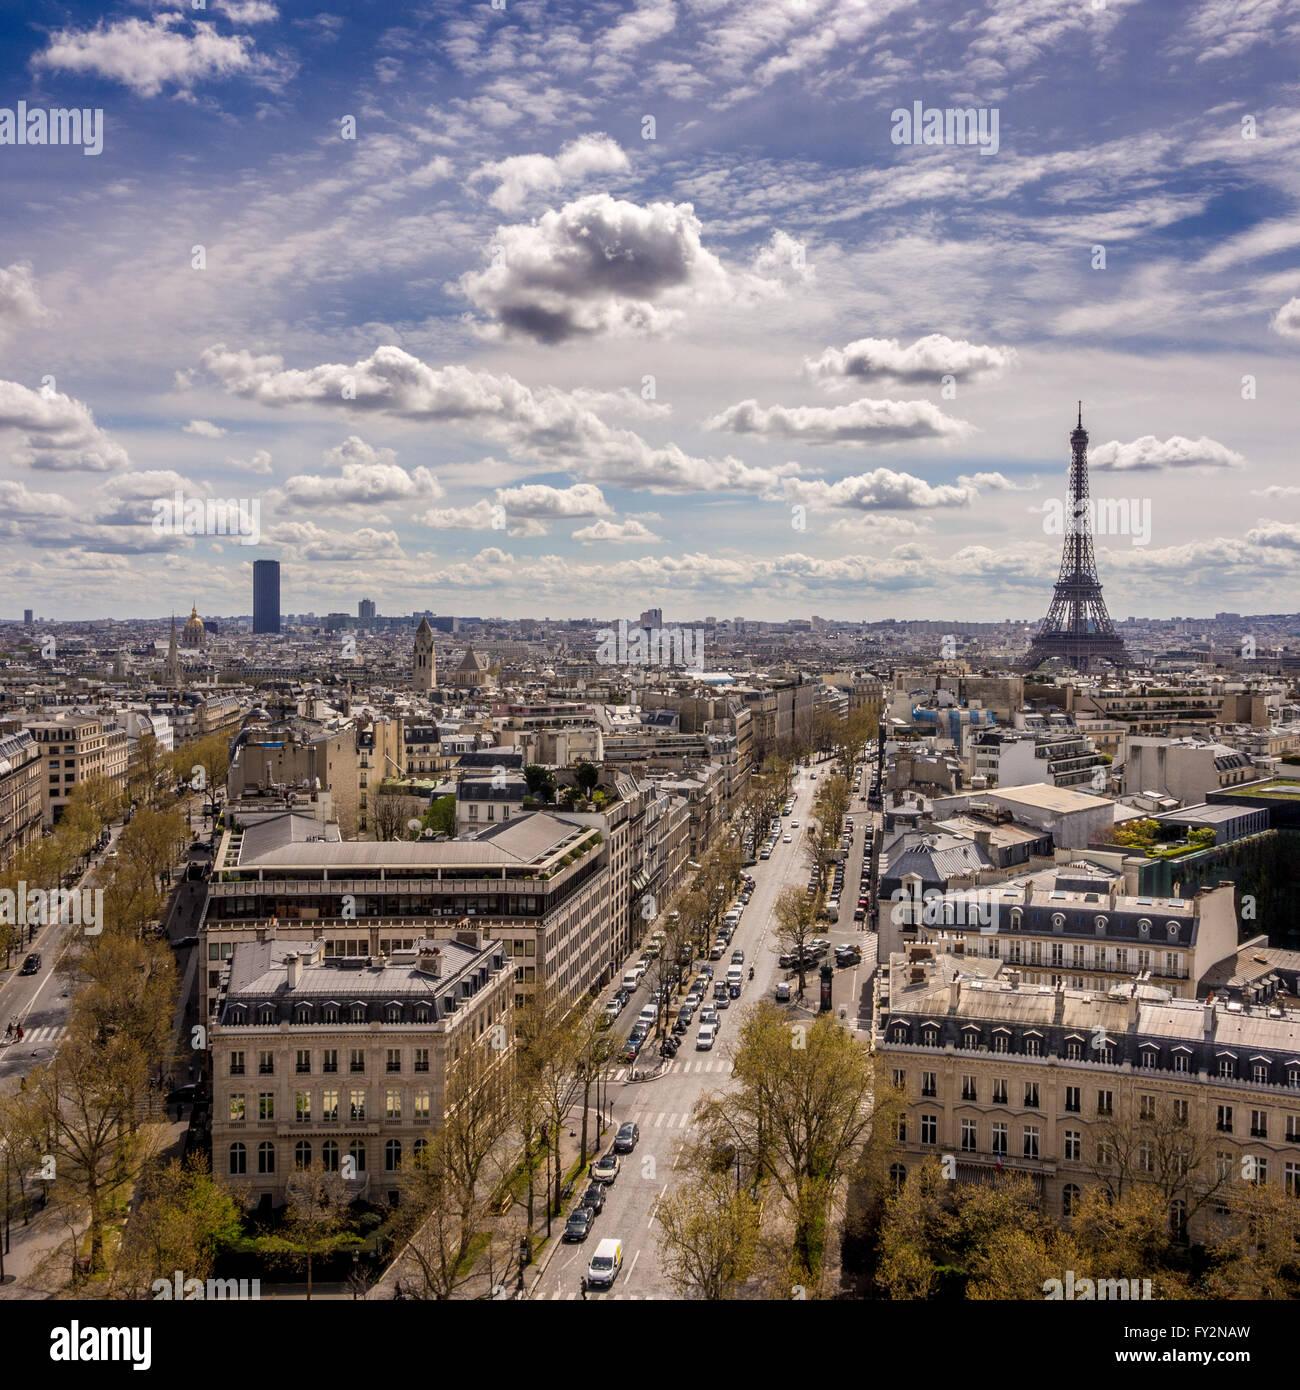 Vistas a la Torre Eiffel y la Torre Montparnasse desde el Arc de triomphe, París, Francia. Imagen De Stock